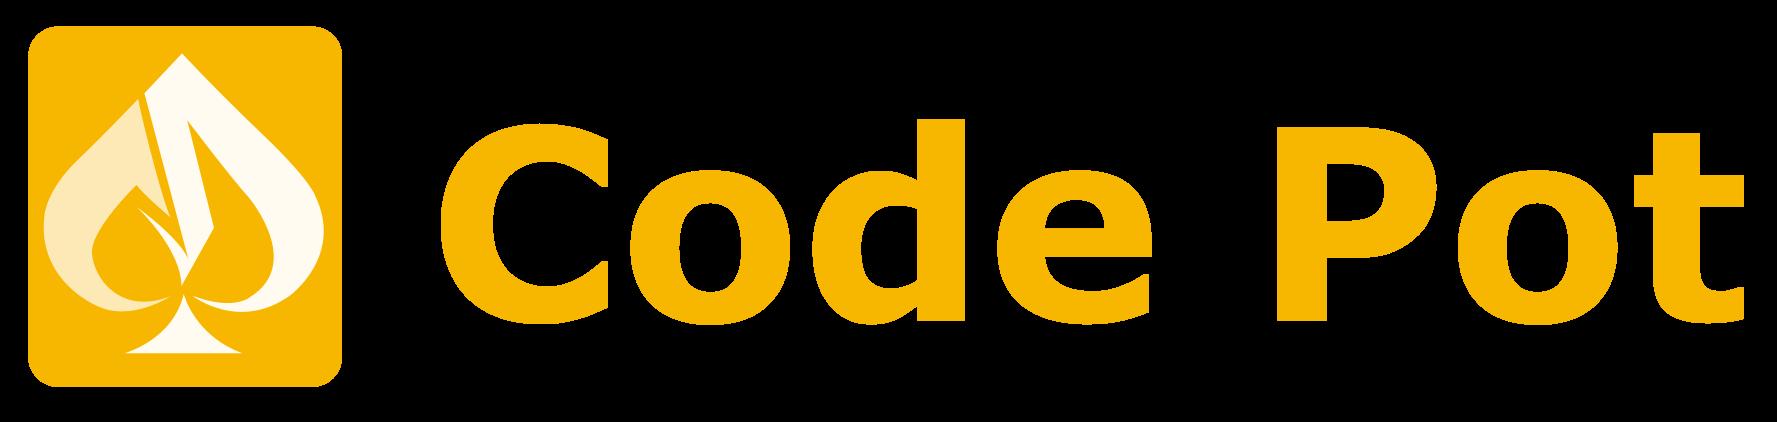 Code Pot